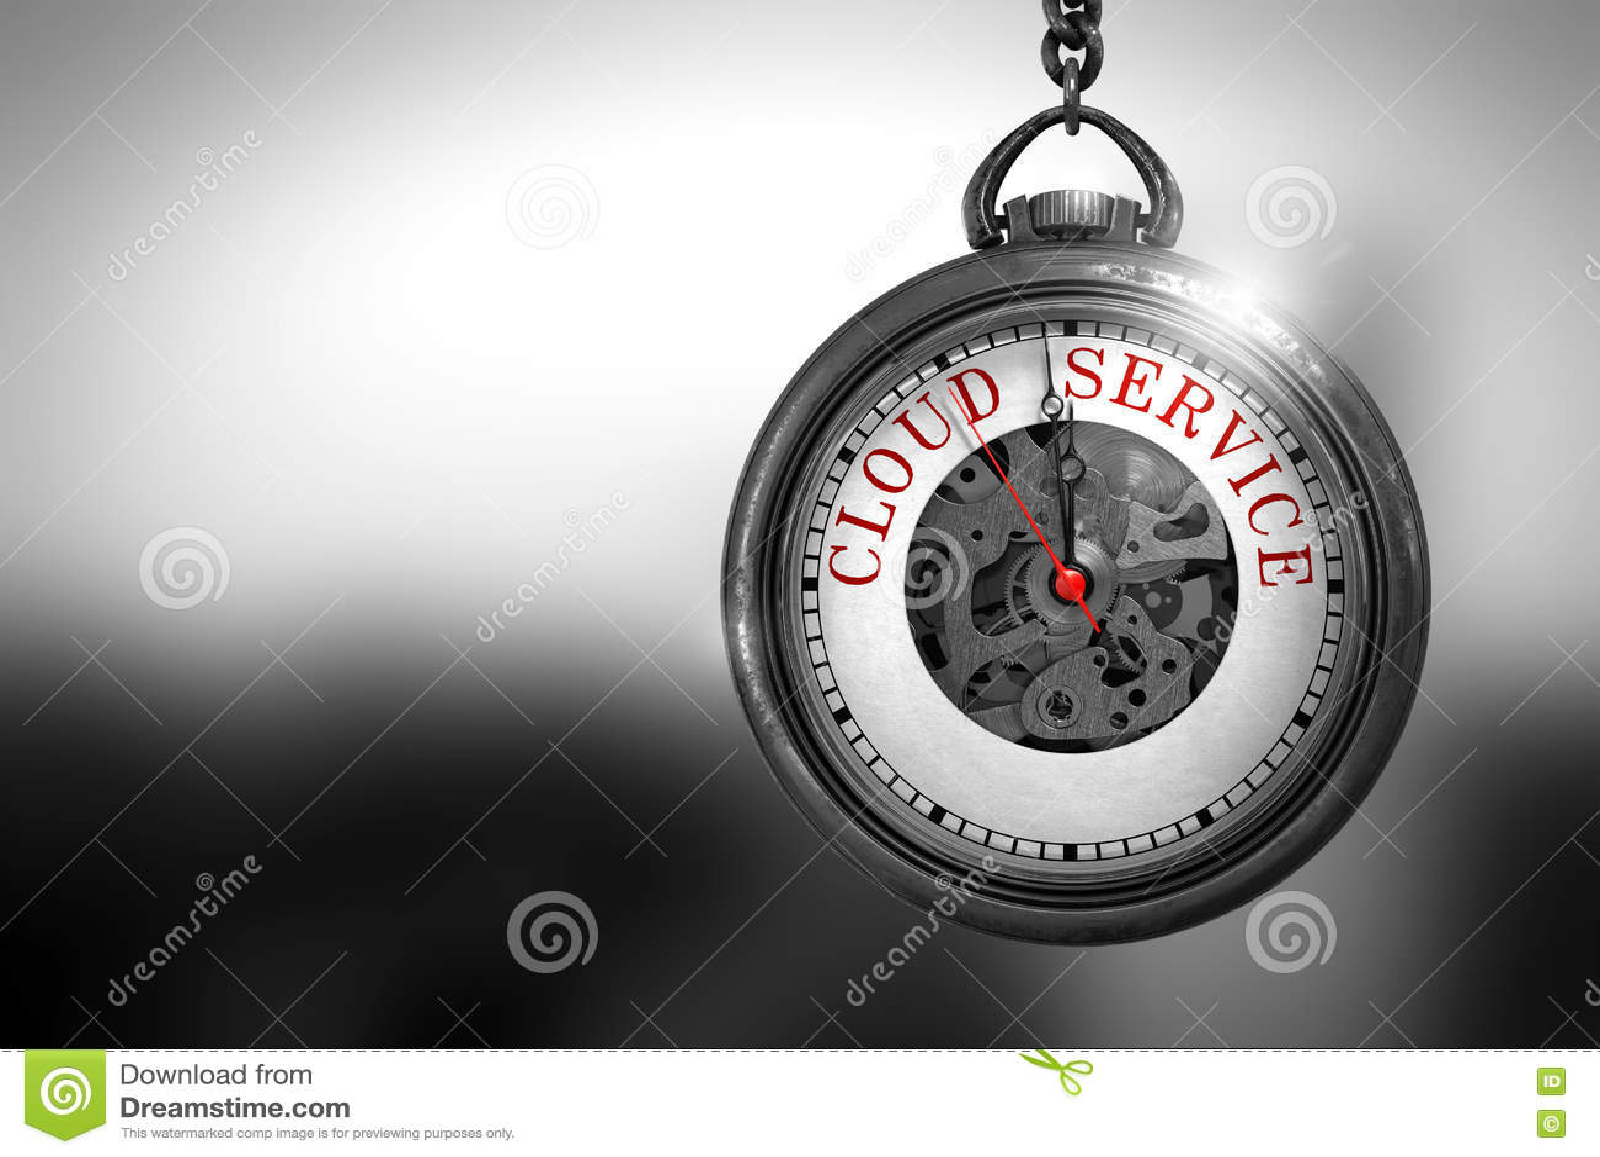 Υπηρεσία σύννεφων στο εκλεκτής ποιότητας ρολόι τσεπών τρισδιάστατη απεικόνιση